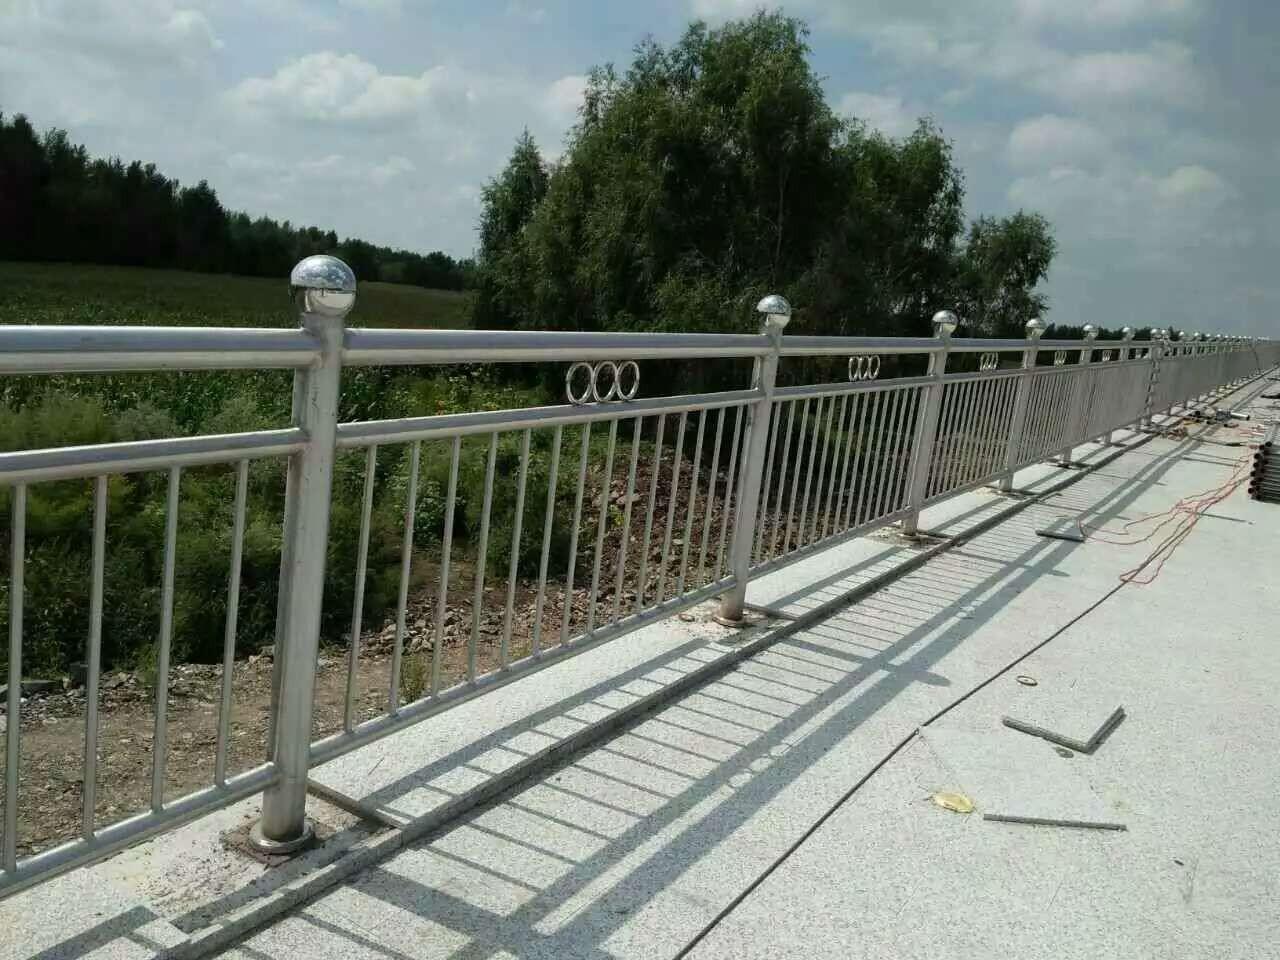 内蒙古自治区呼和浩特市土默特左旗304不锈钢复合管防撞护栏C